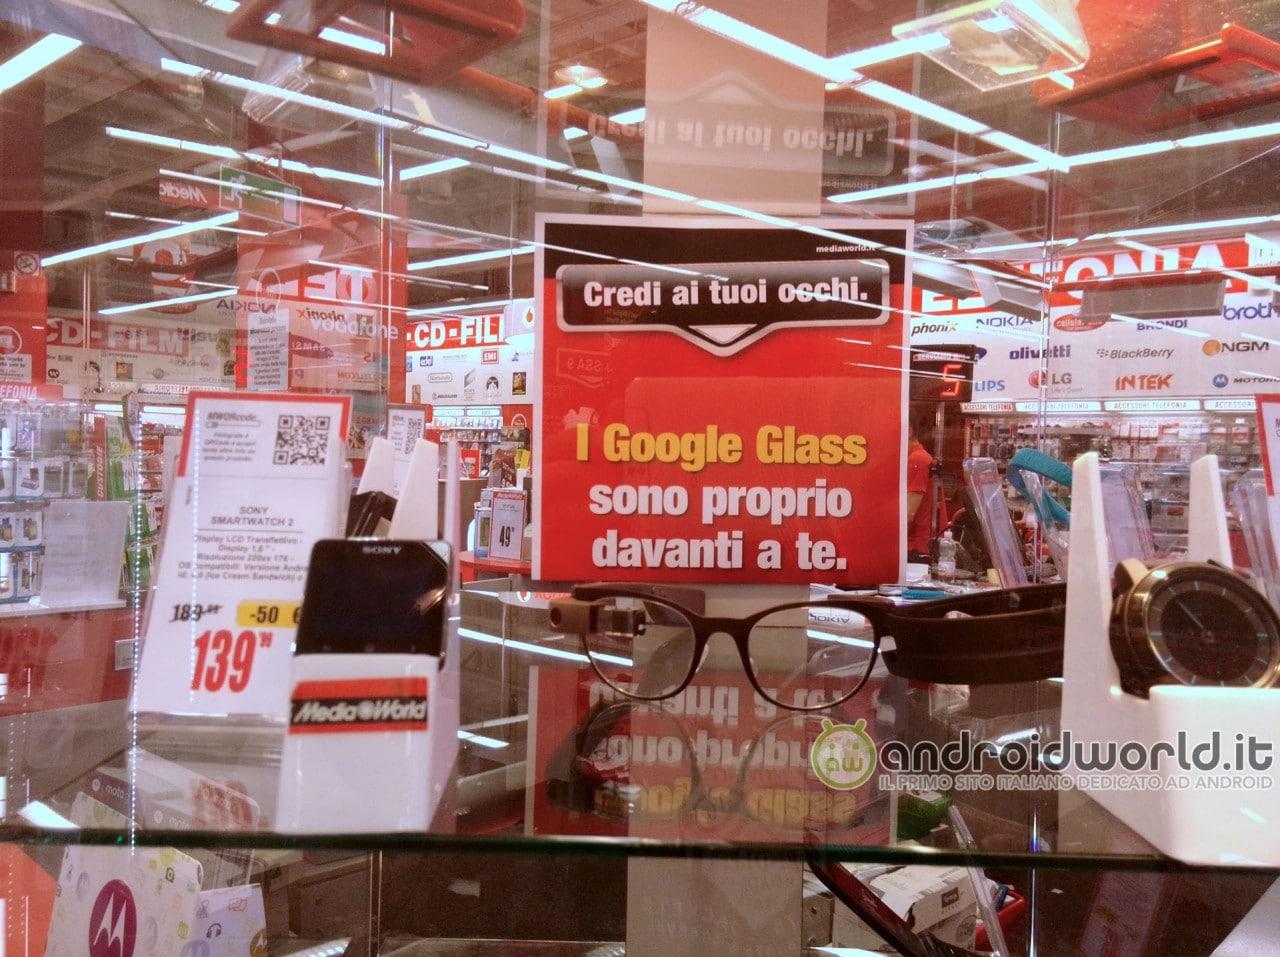 google glass mediaworld igigli